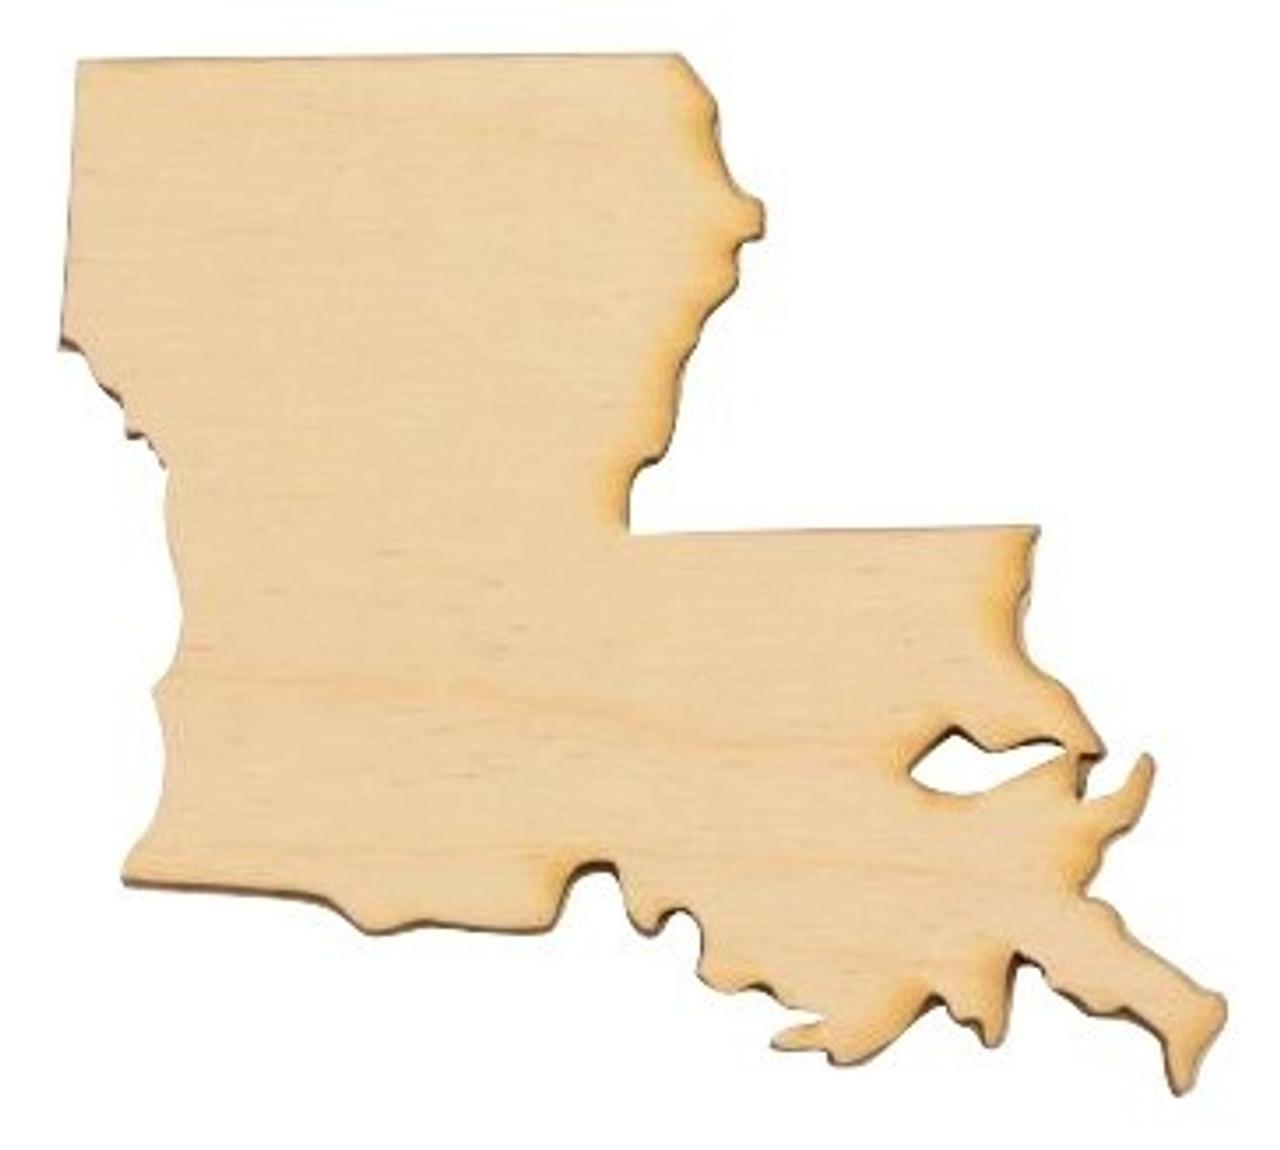 Louisiana State Cutout